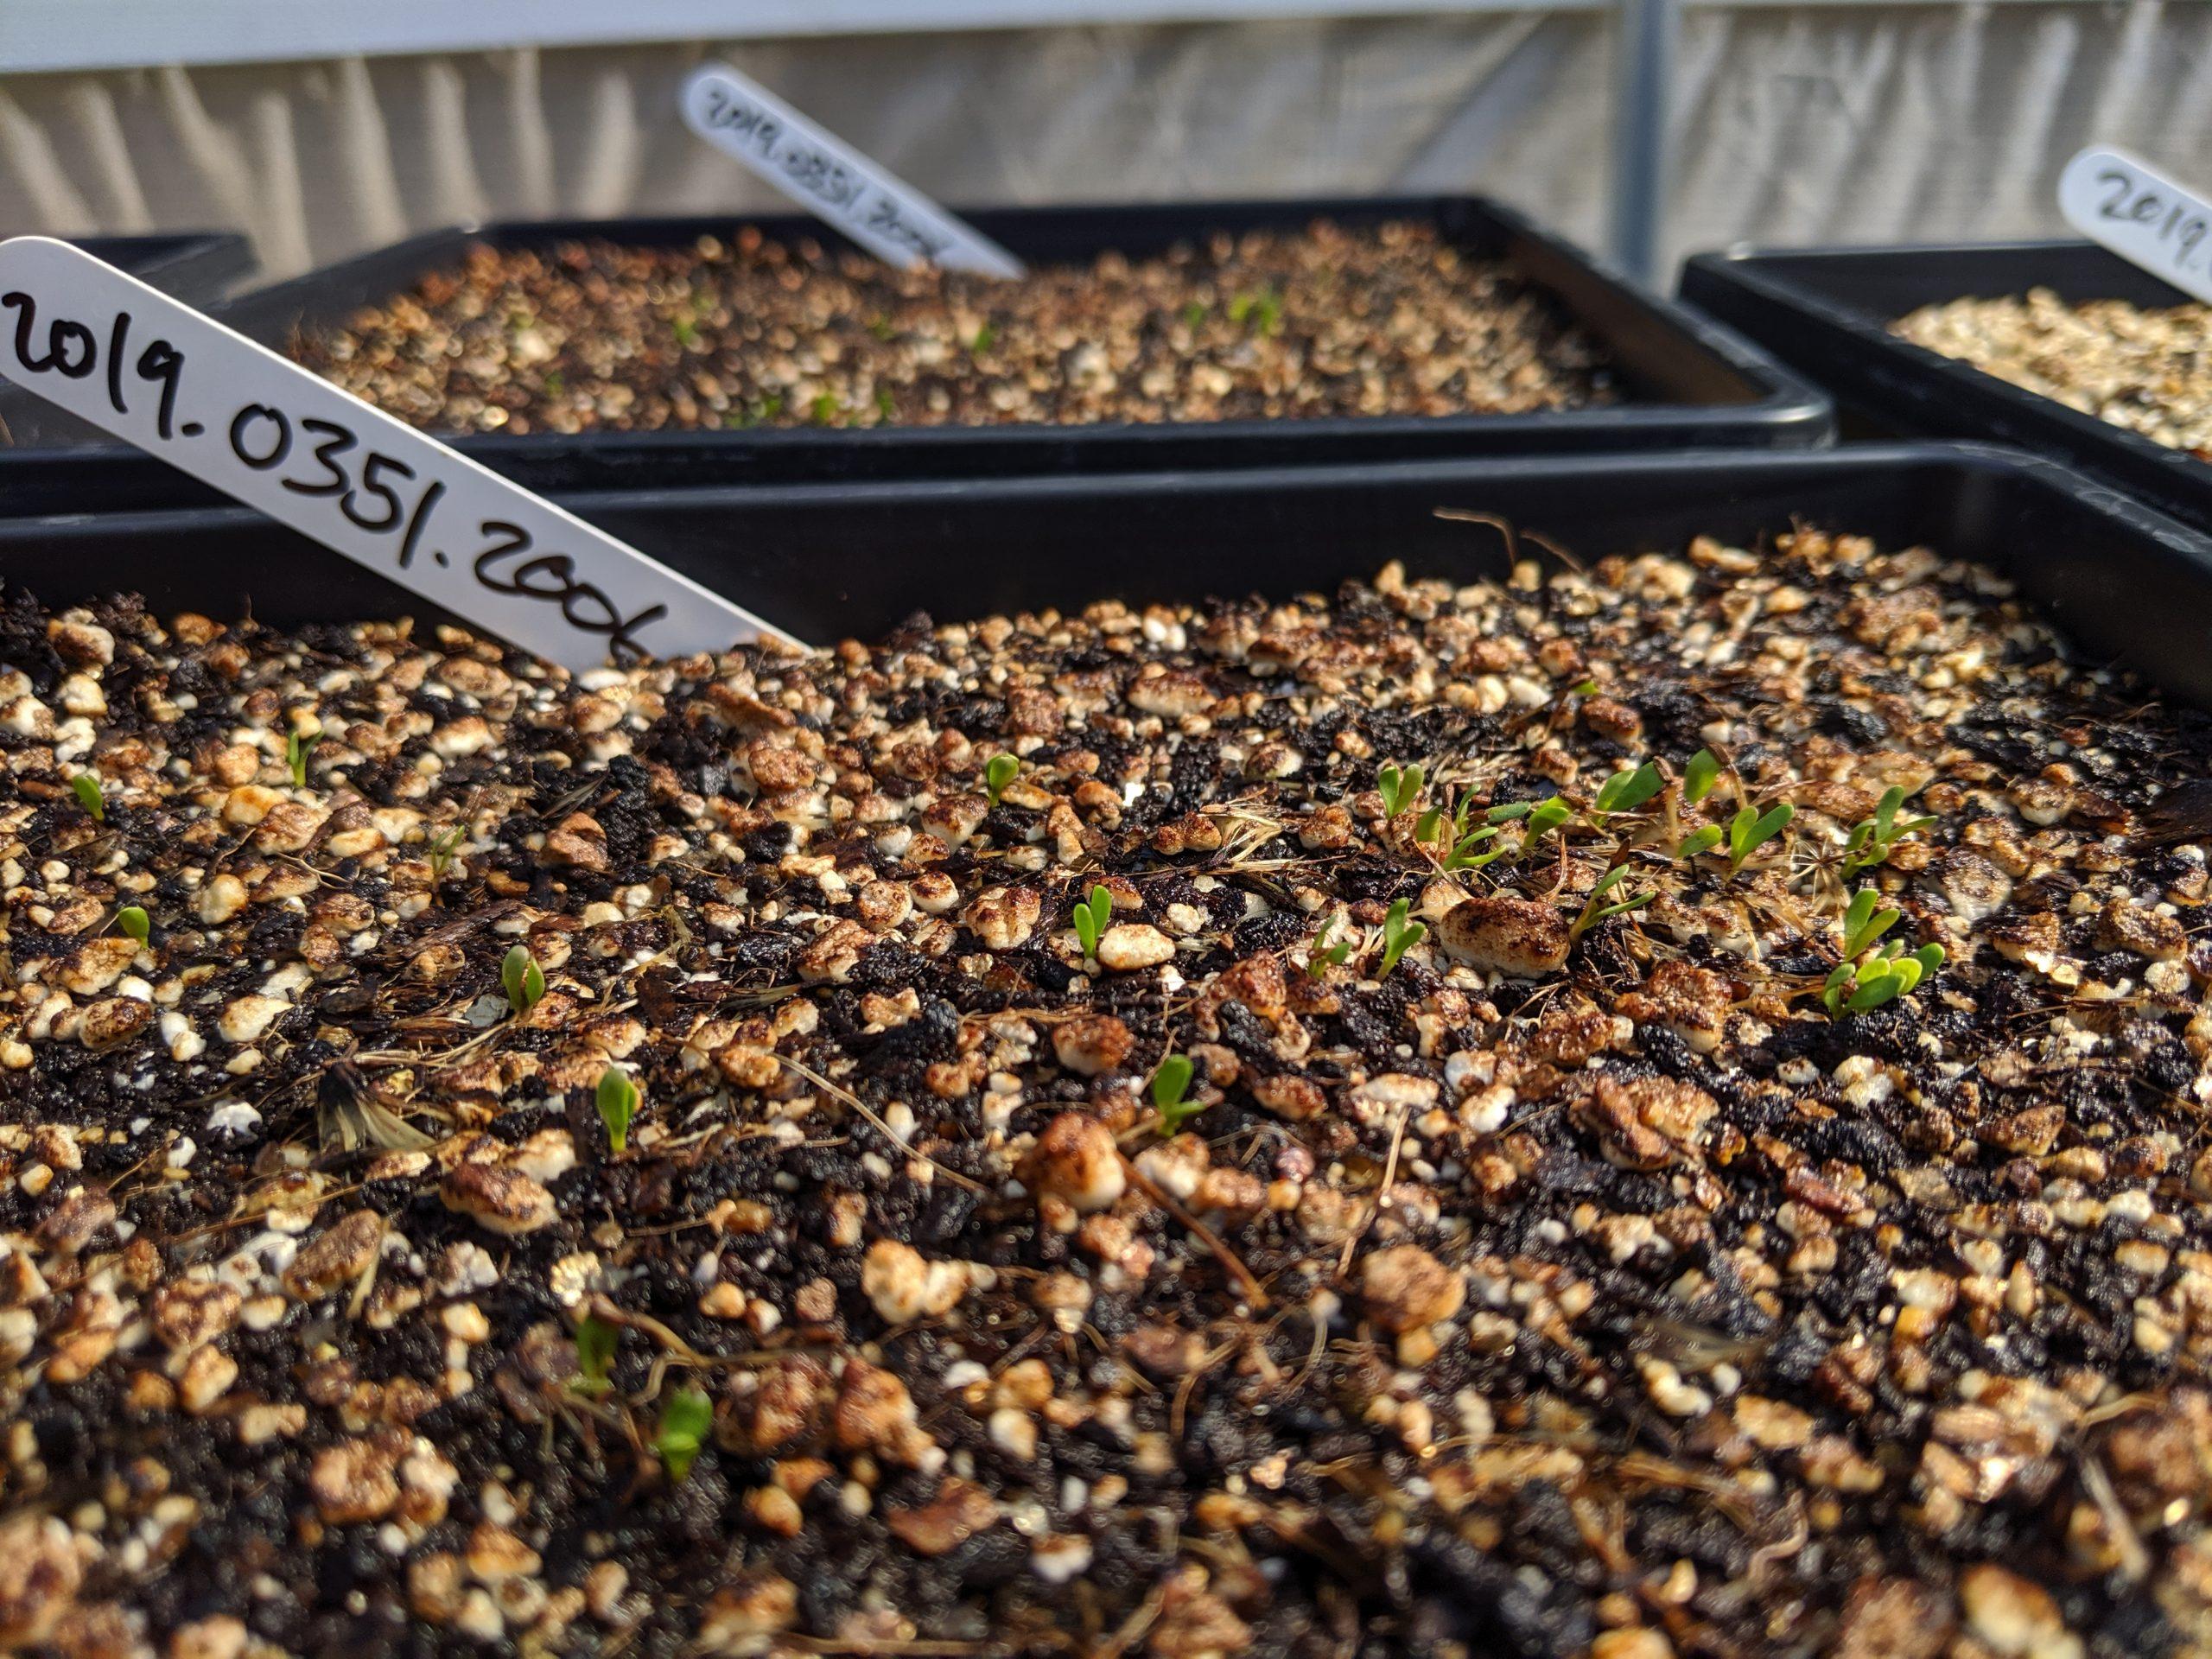 Image of Encinitas baccharis (Baccharis vanessae) seedlings germinating.